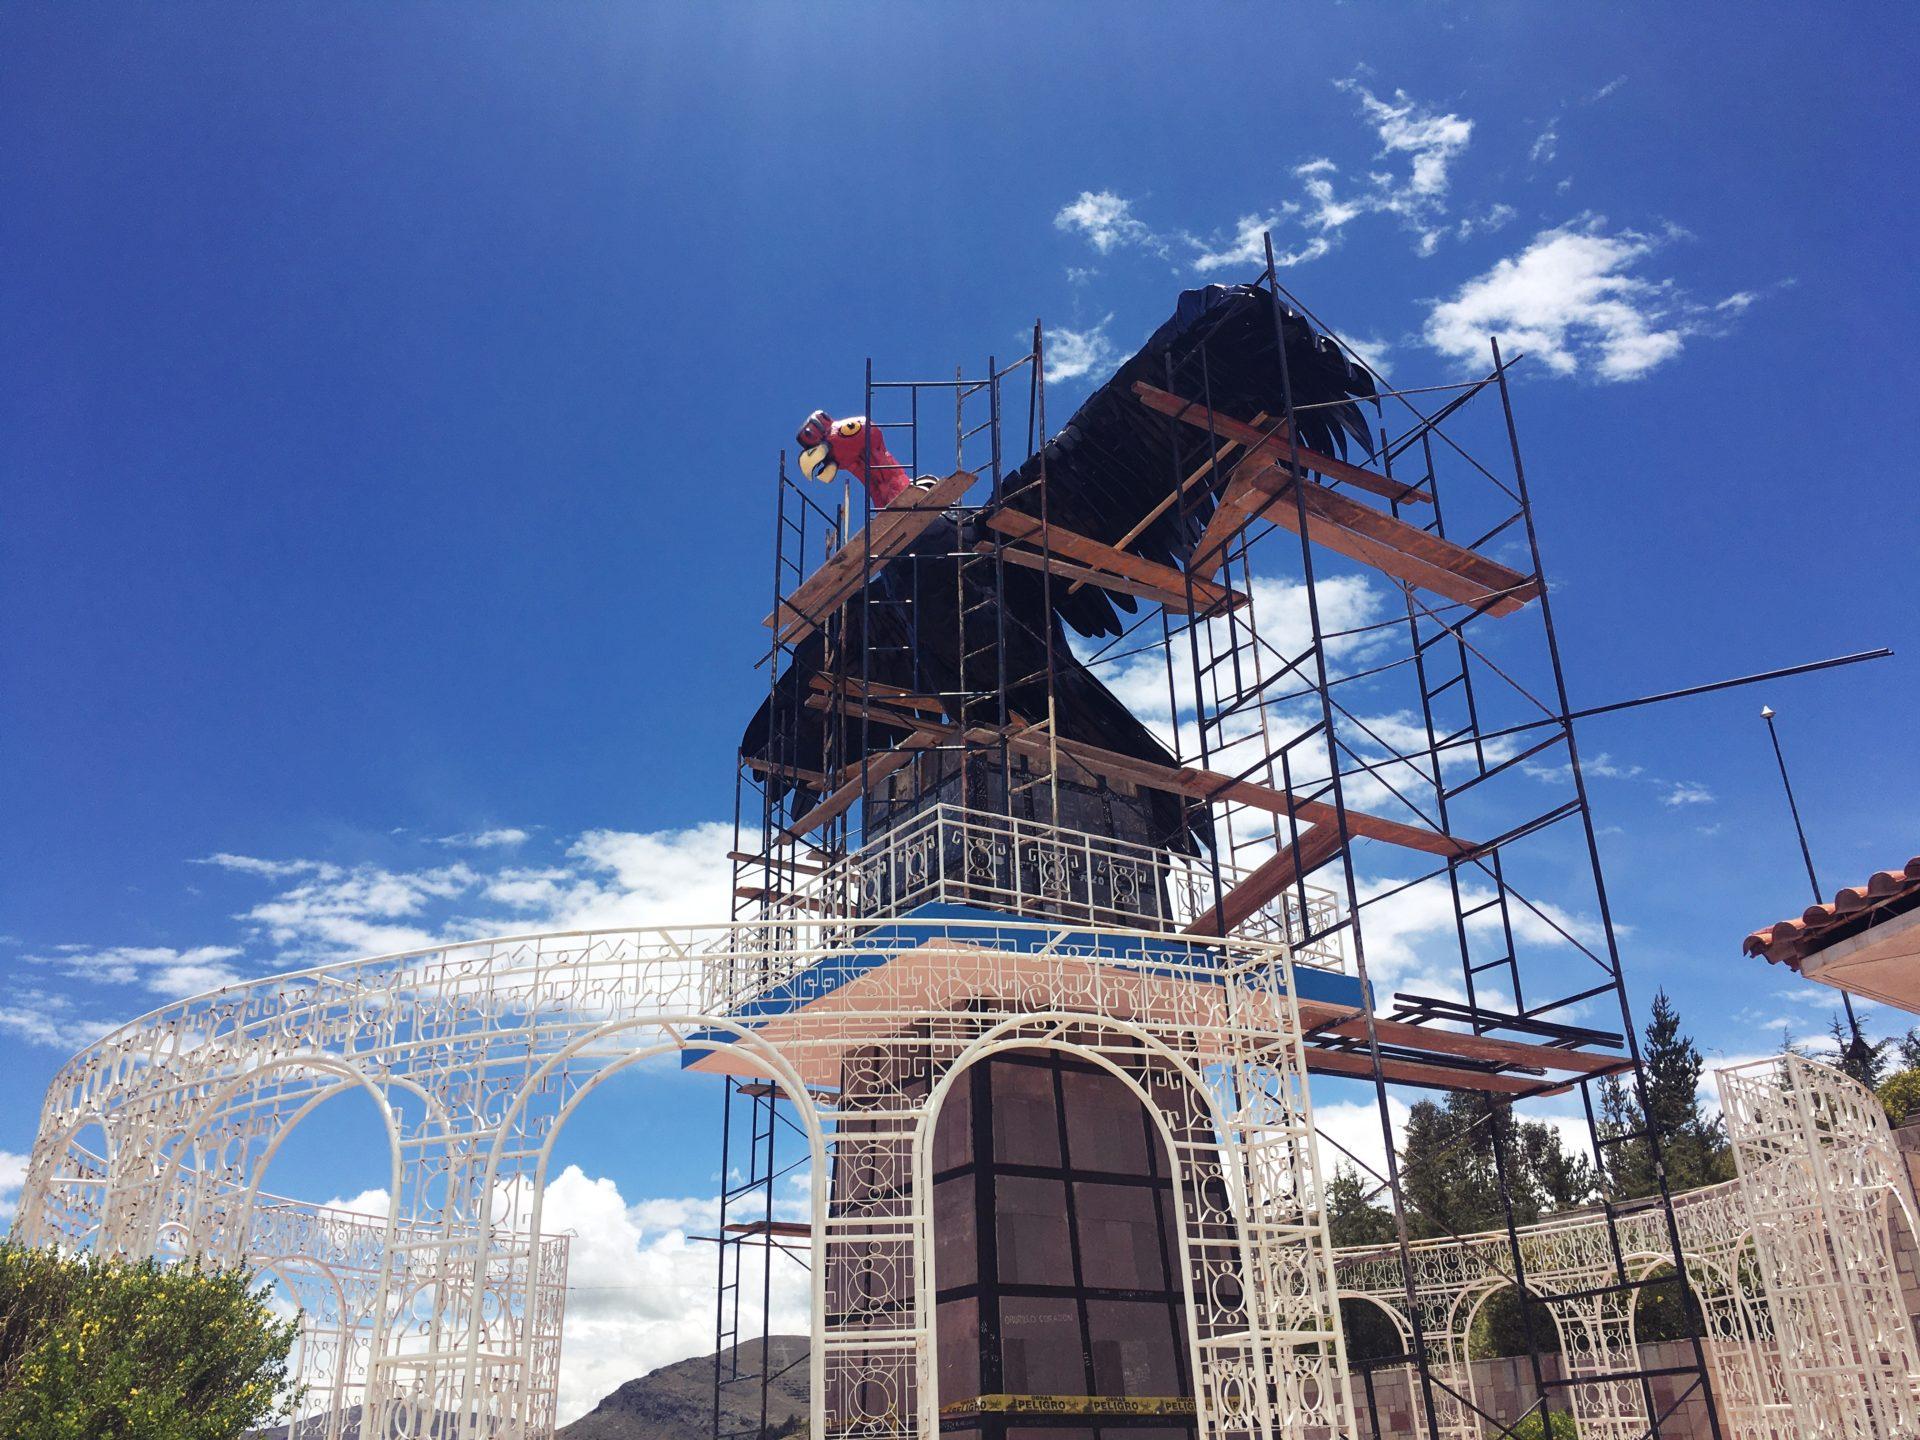 プーノ, チチカカ, 観光, Titicaca, Puno, 展望台, Mirador